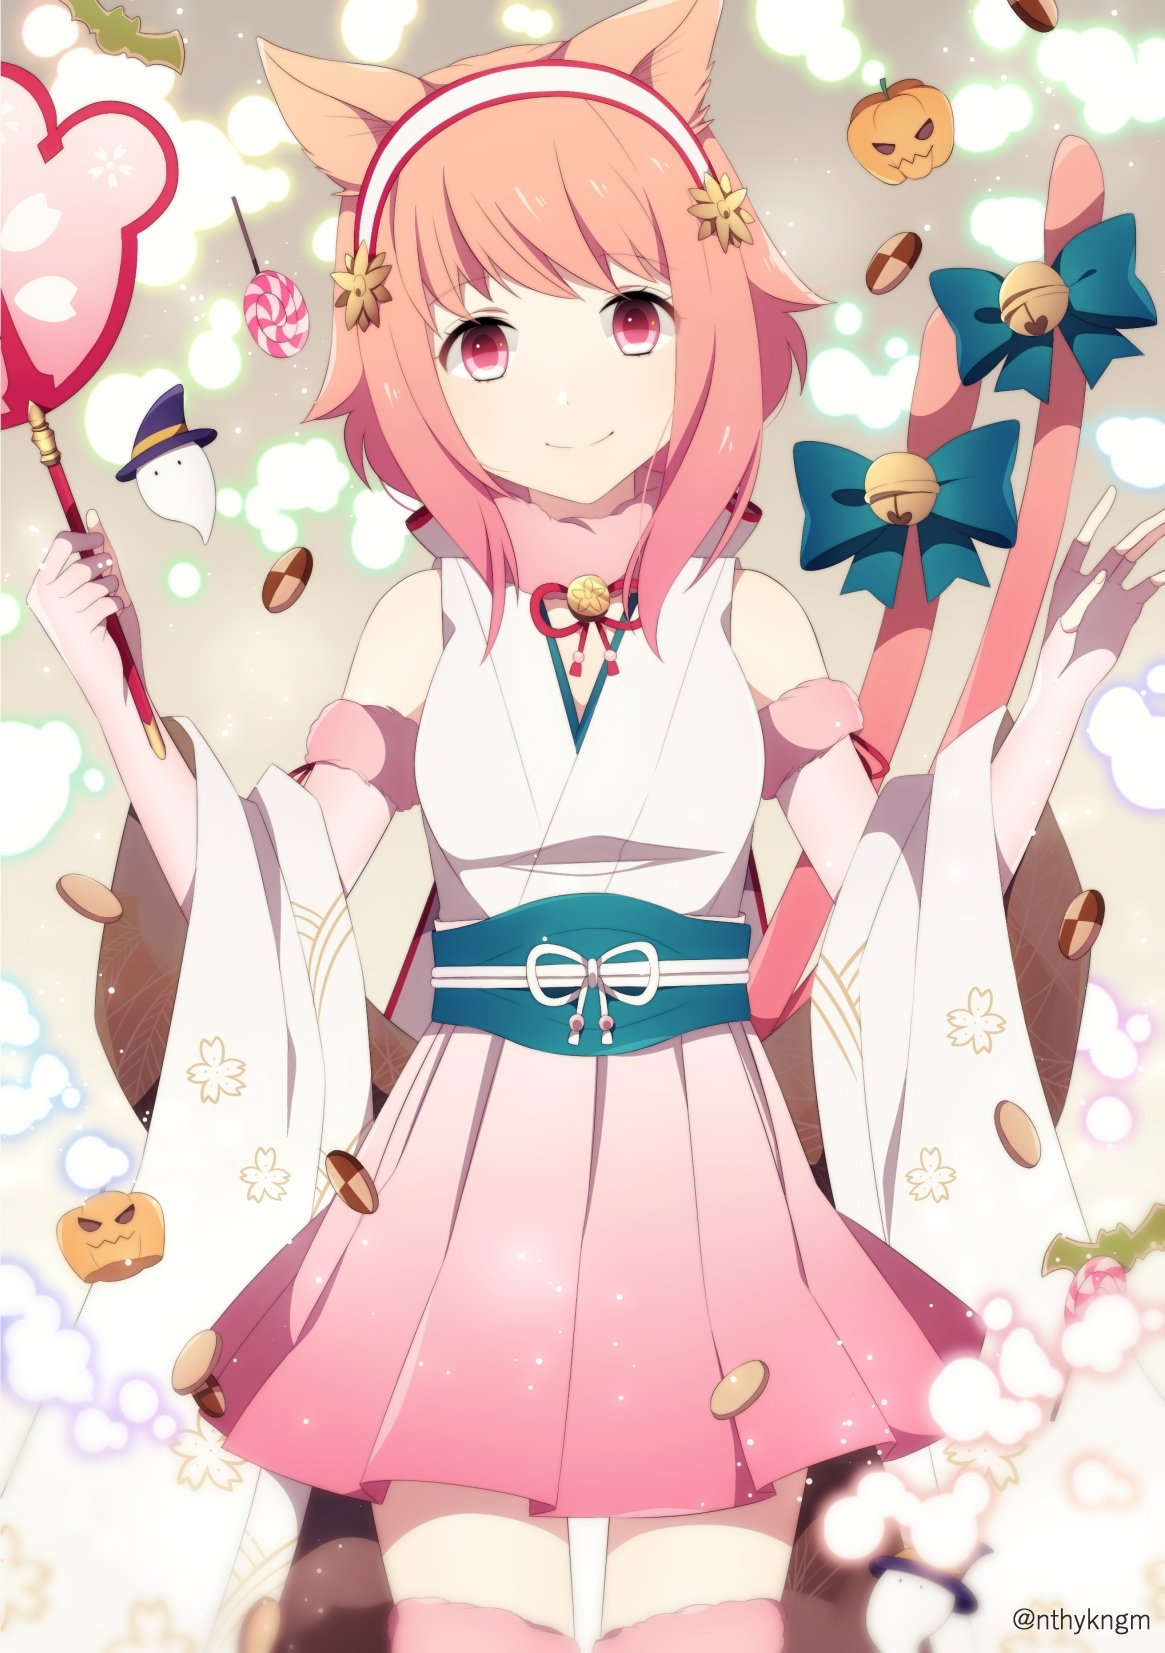 Anime figuren weiblich